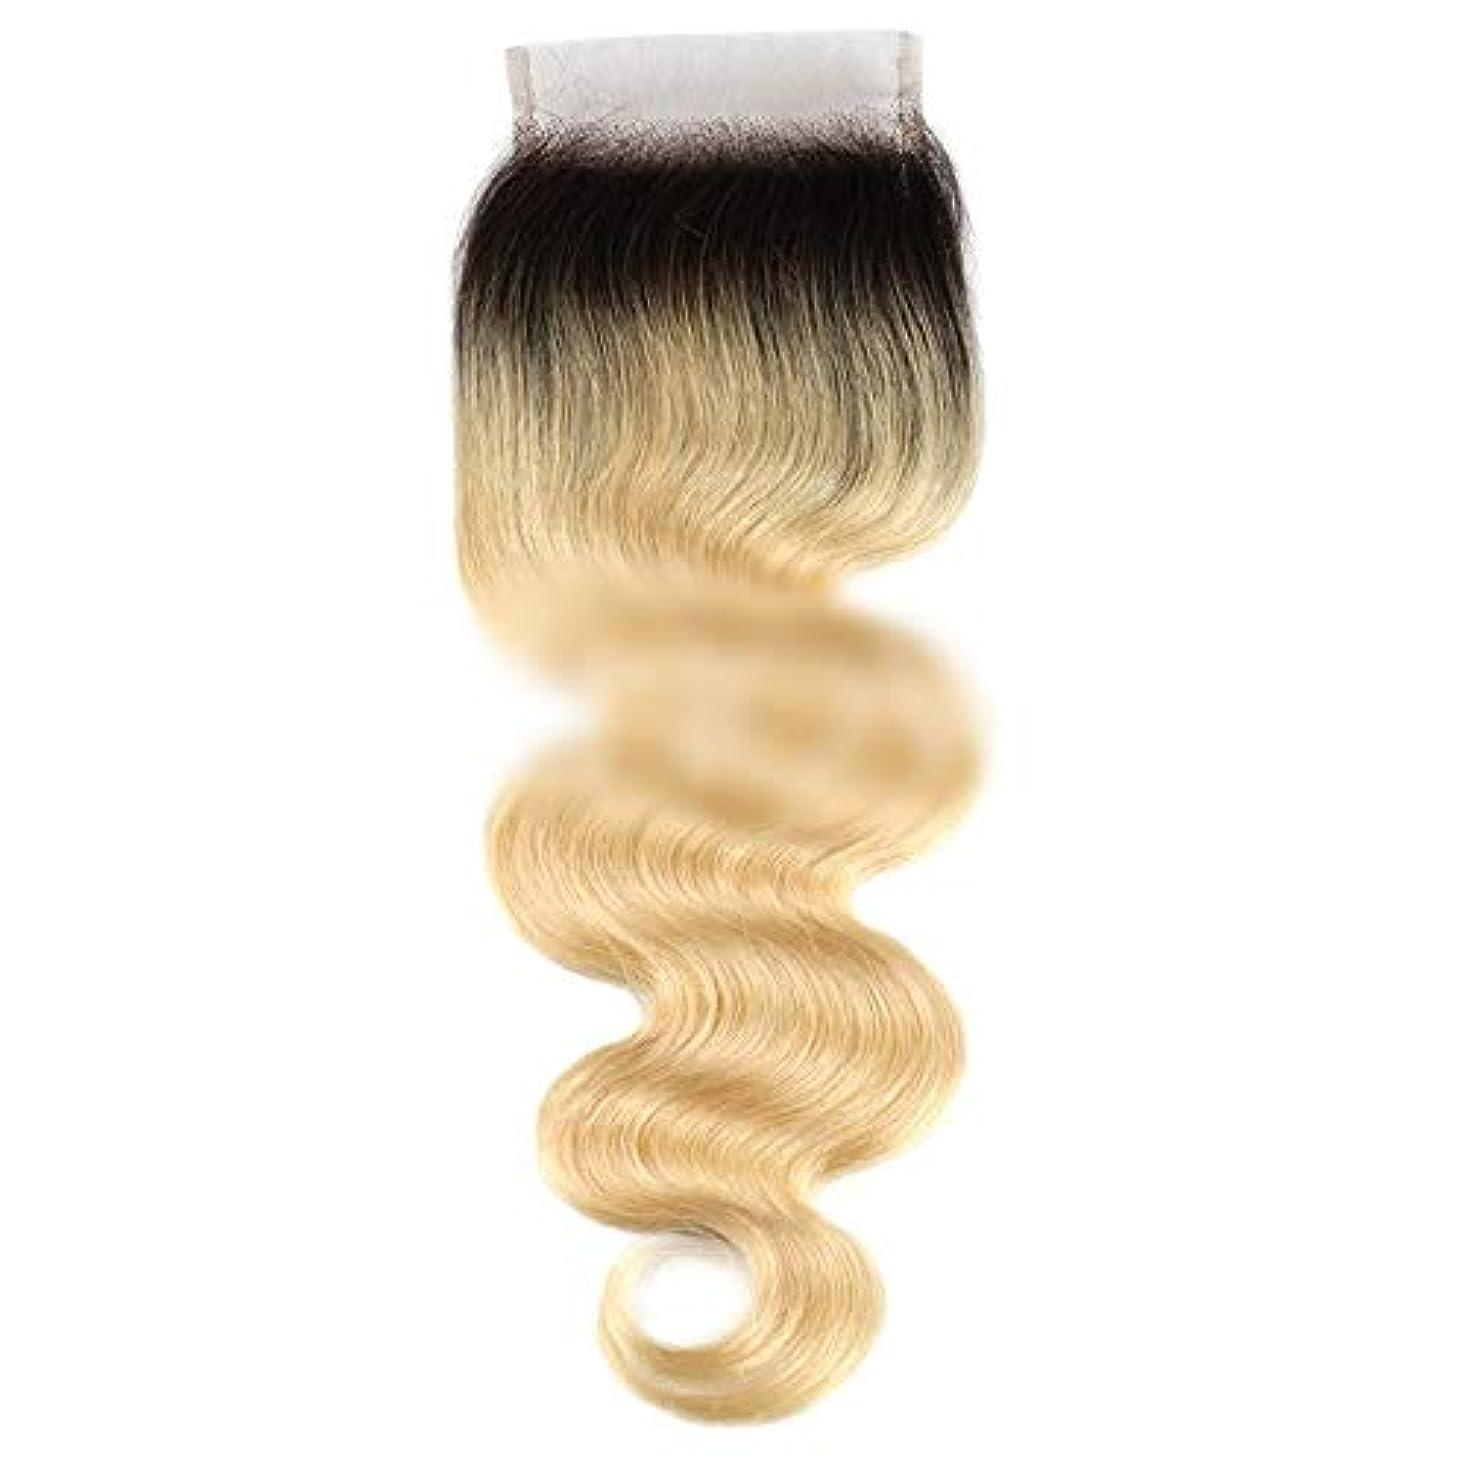 同性愛者明らかにシェフWASAIO 女性のためのウェーブストレートバンドルクリップ金髪ボディ4X4凍結解除パートレース閉鎖ブラジルの人間 (色 : Blonde, サイズ : 8 inch)